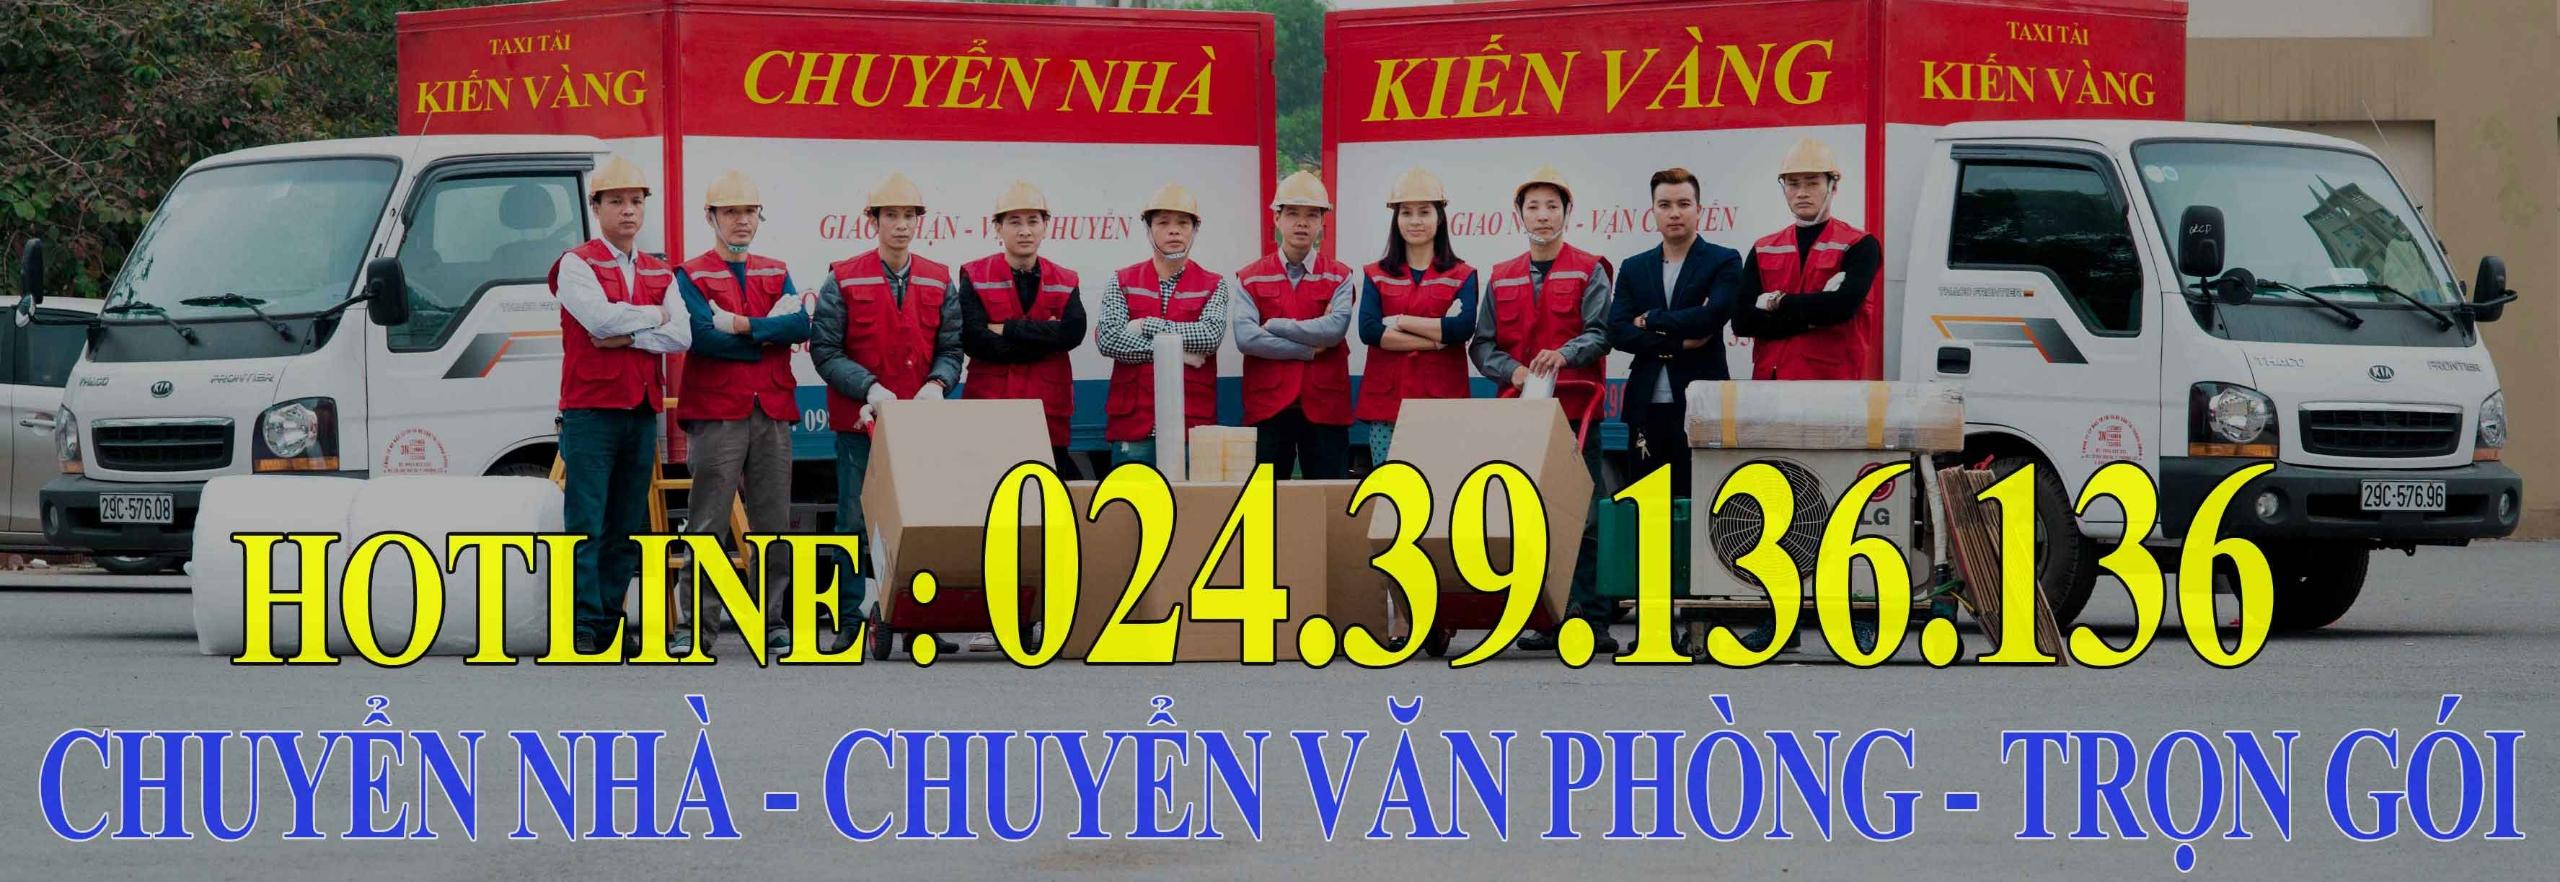 Chuyển nhà Kiến Vàng (@chuyennhakienvang) Cover Image